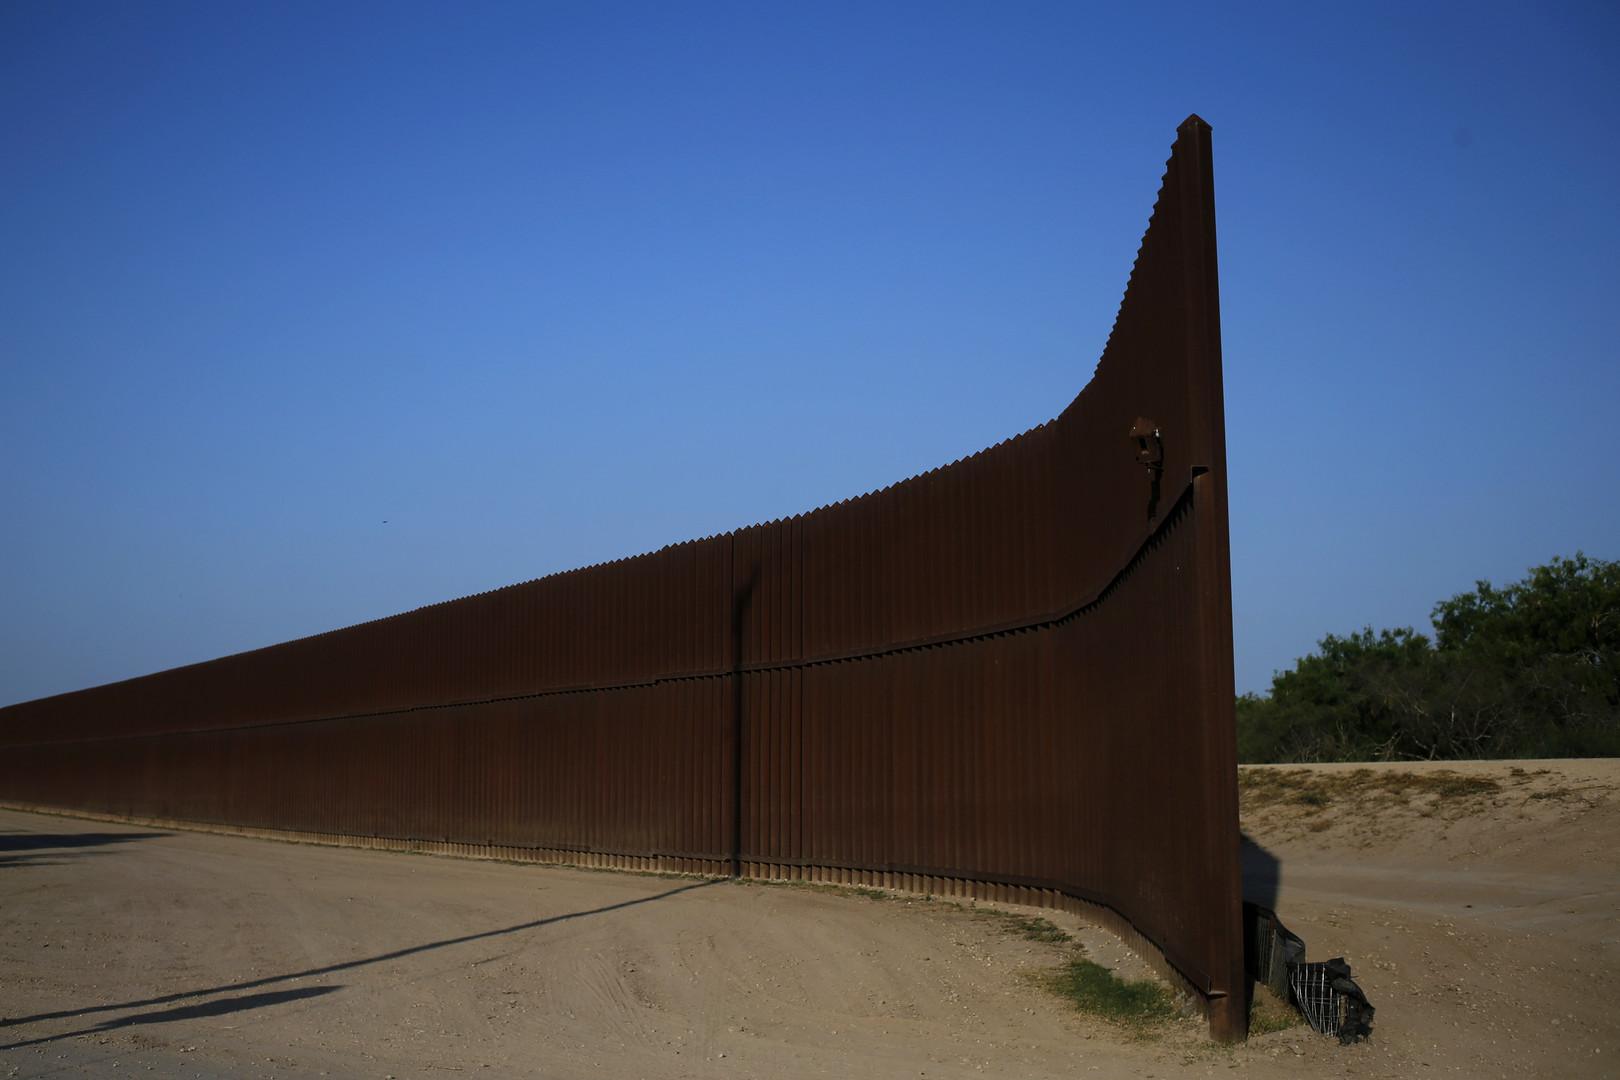 """Lateinamerika und USA: """"Mauern der Schande"""" trennen zwischen Arm und Reich"""